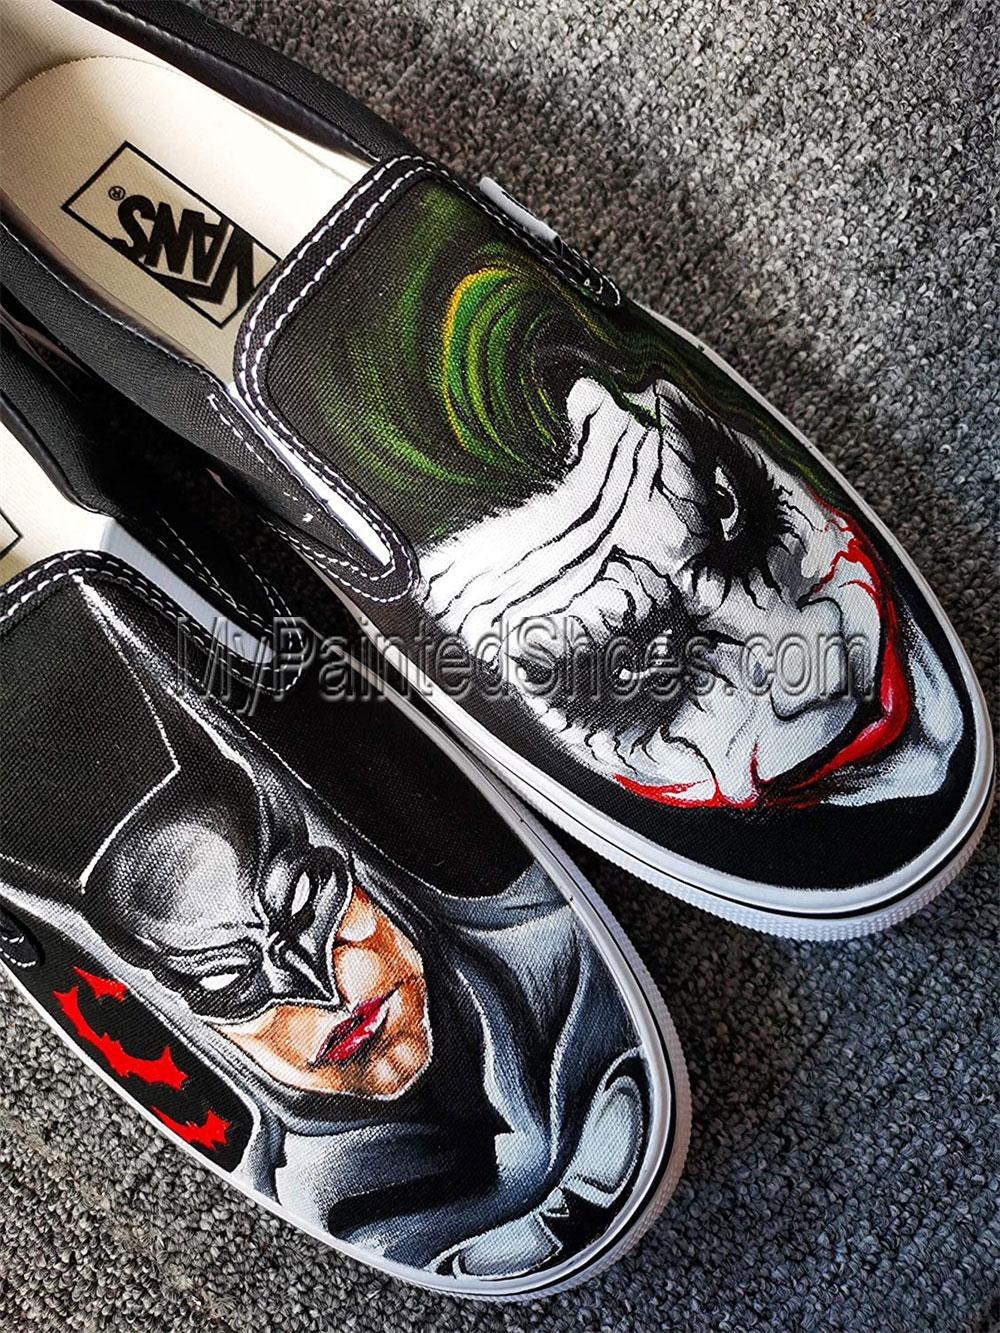 Hand Painted Shoes Batman Shoes Batman Mens Shoes Batman Shoes-4